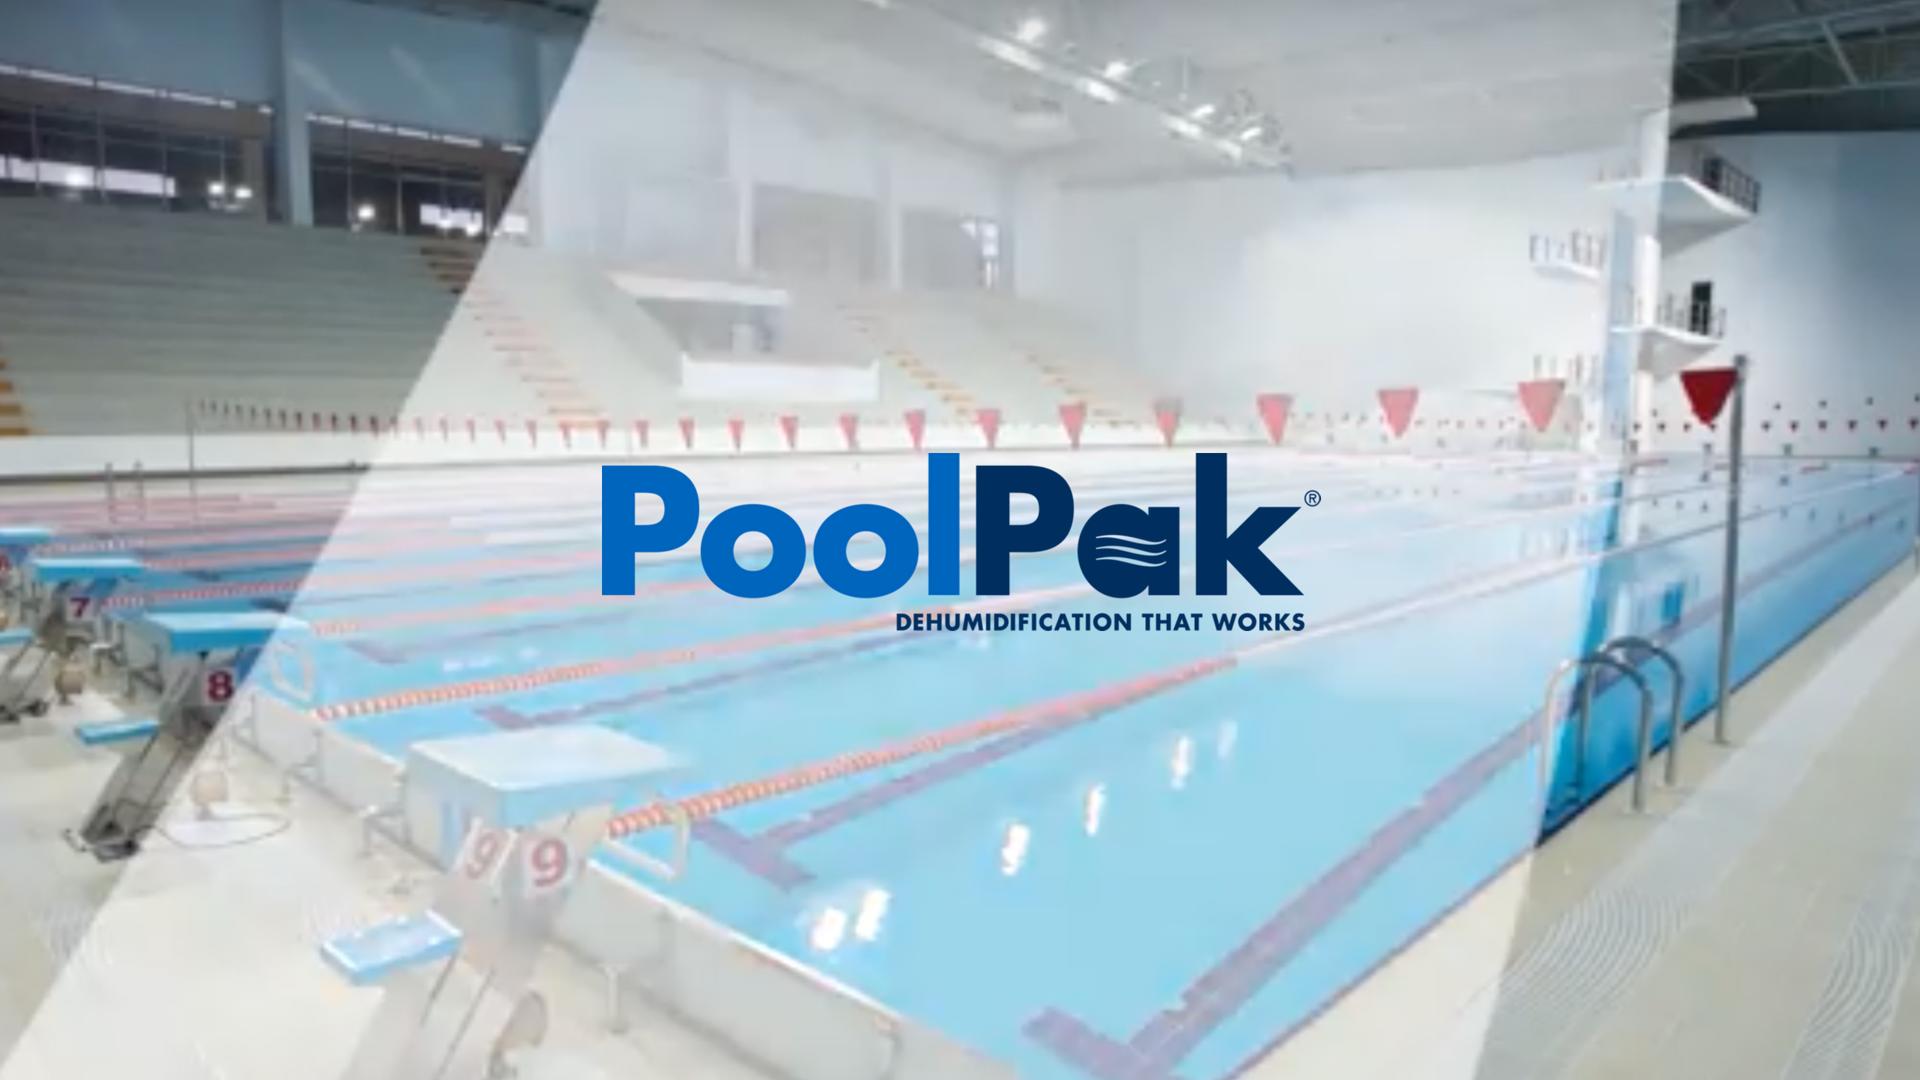 PoolPak